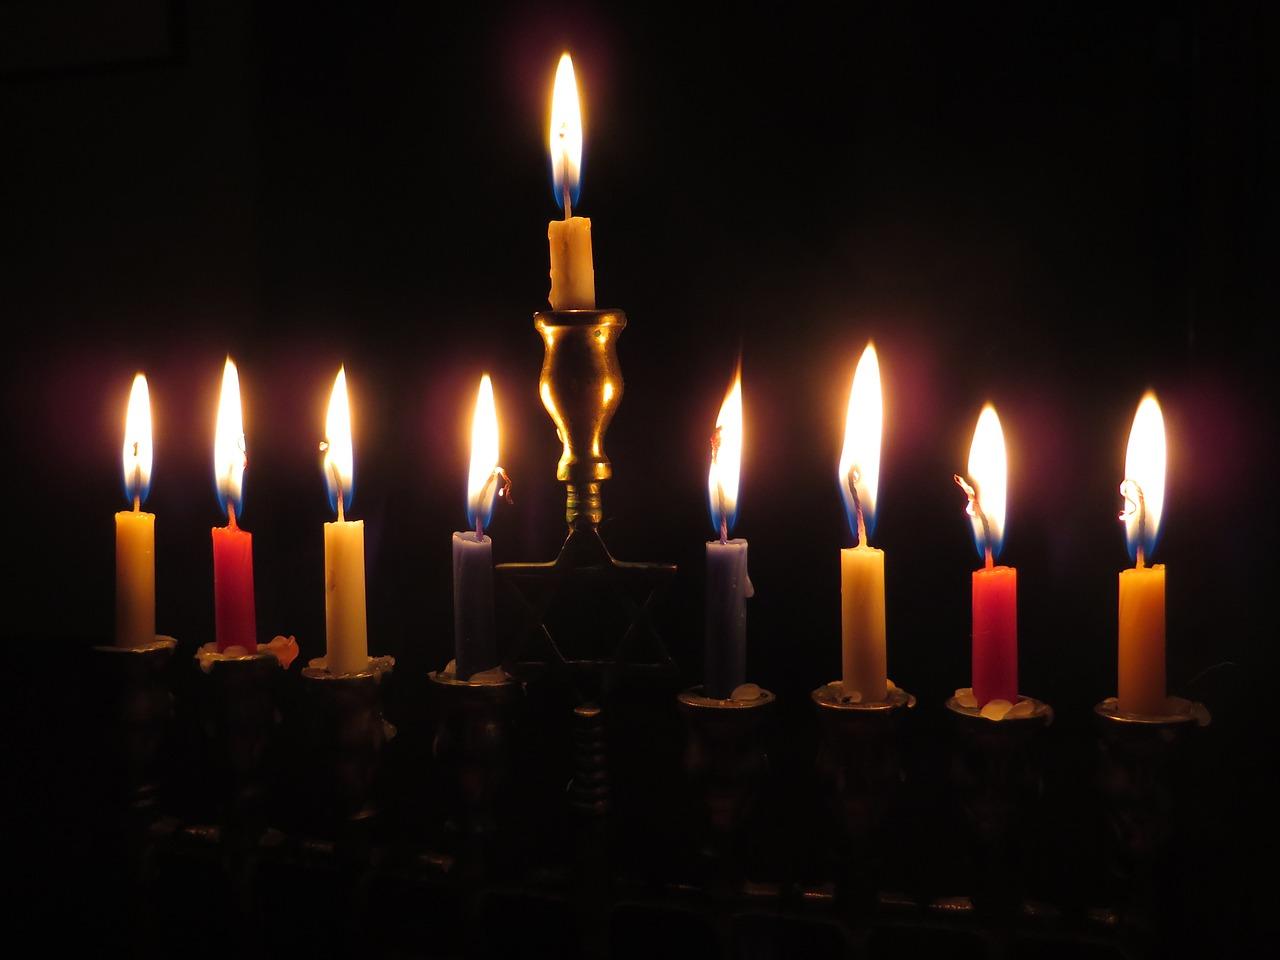 świece chanuka